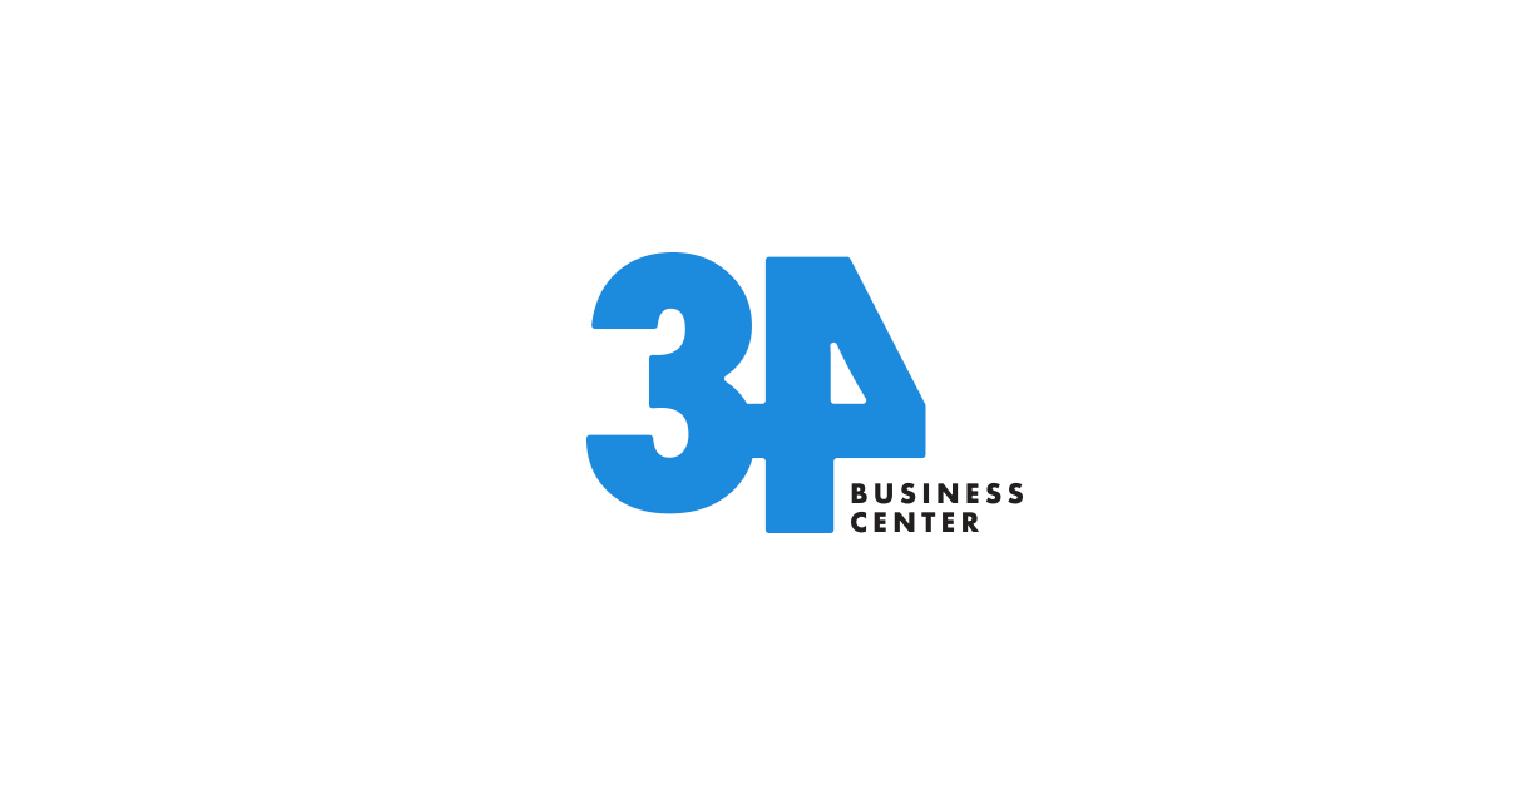 34 բիզնես կենտրոն